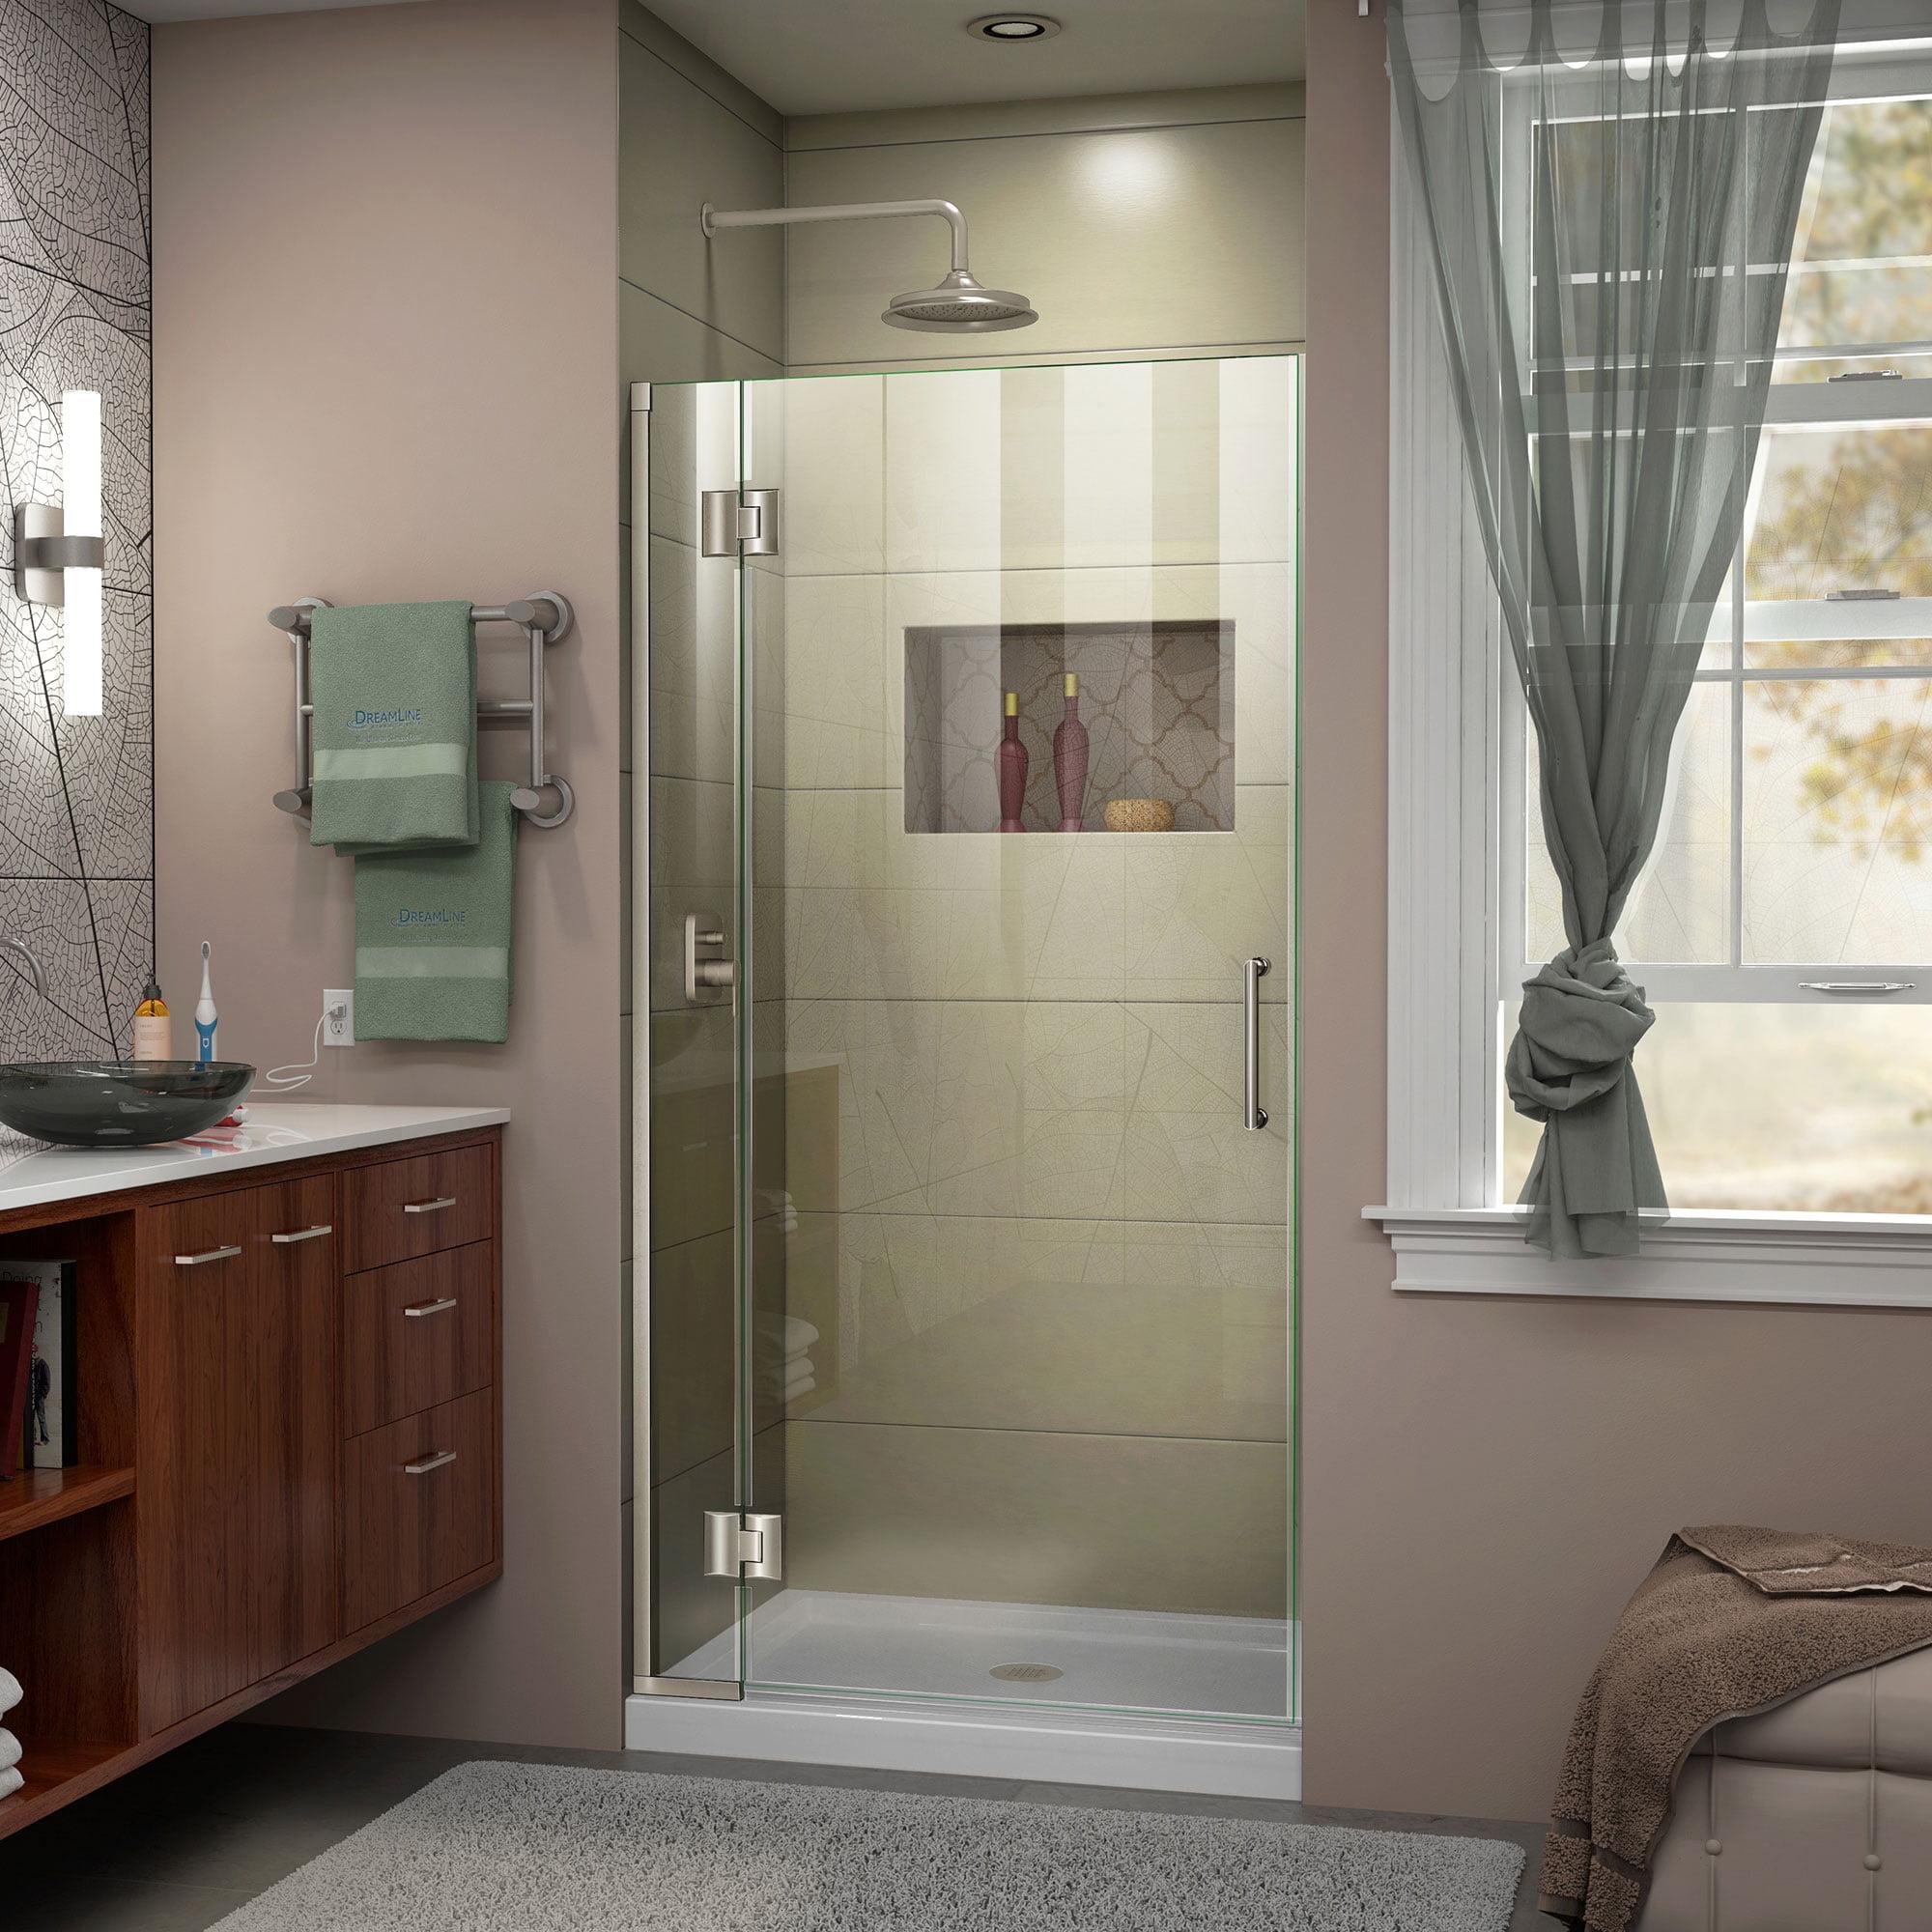 DreamLine Unidoor-X 31 in. W x 72 in. H Frameless Hinged Shower Door in Brushed Nickel